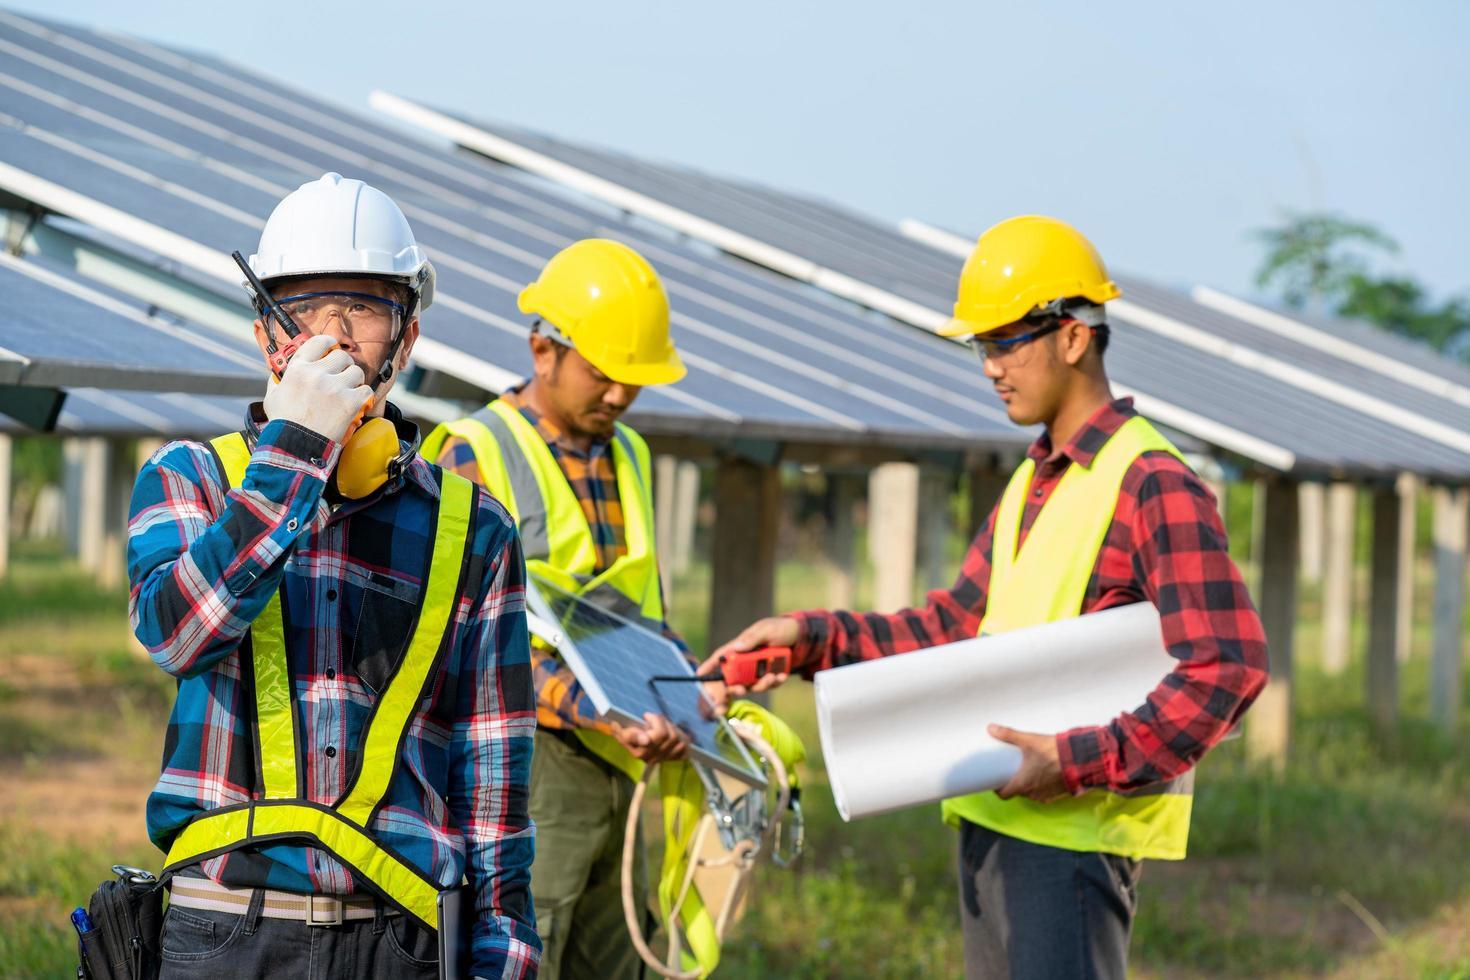 mannen met veiligheidsuitrusting naast zonnepanelen foto